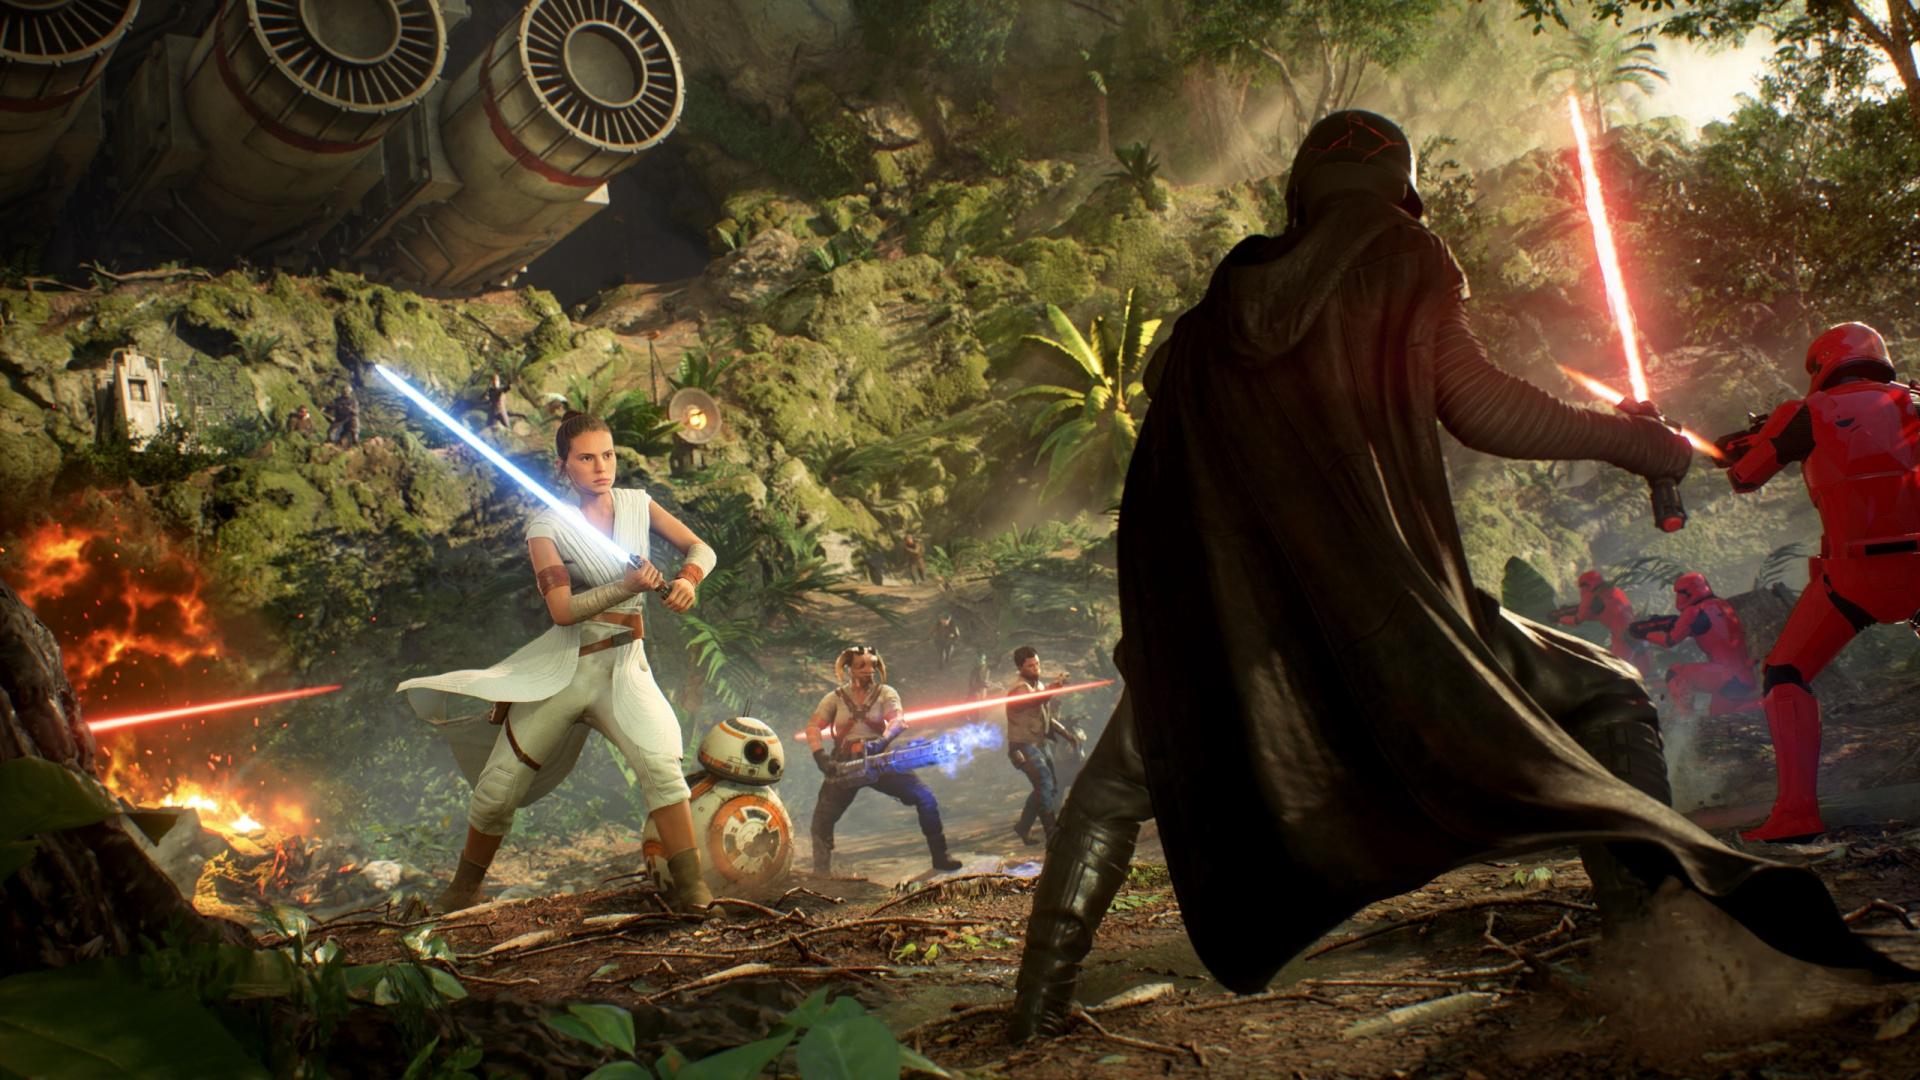 В Epic Games Store раздают лучшее издание Star Wars Battlefront 2 для ПК